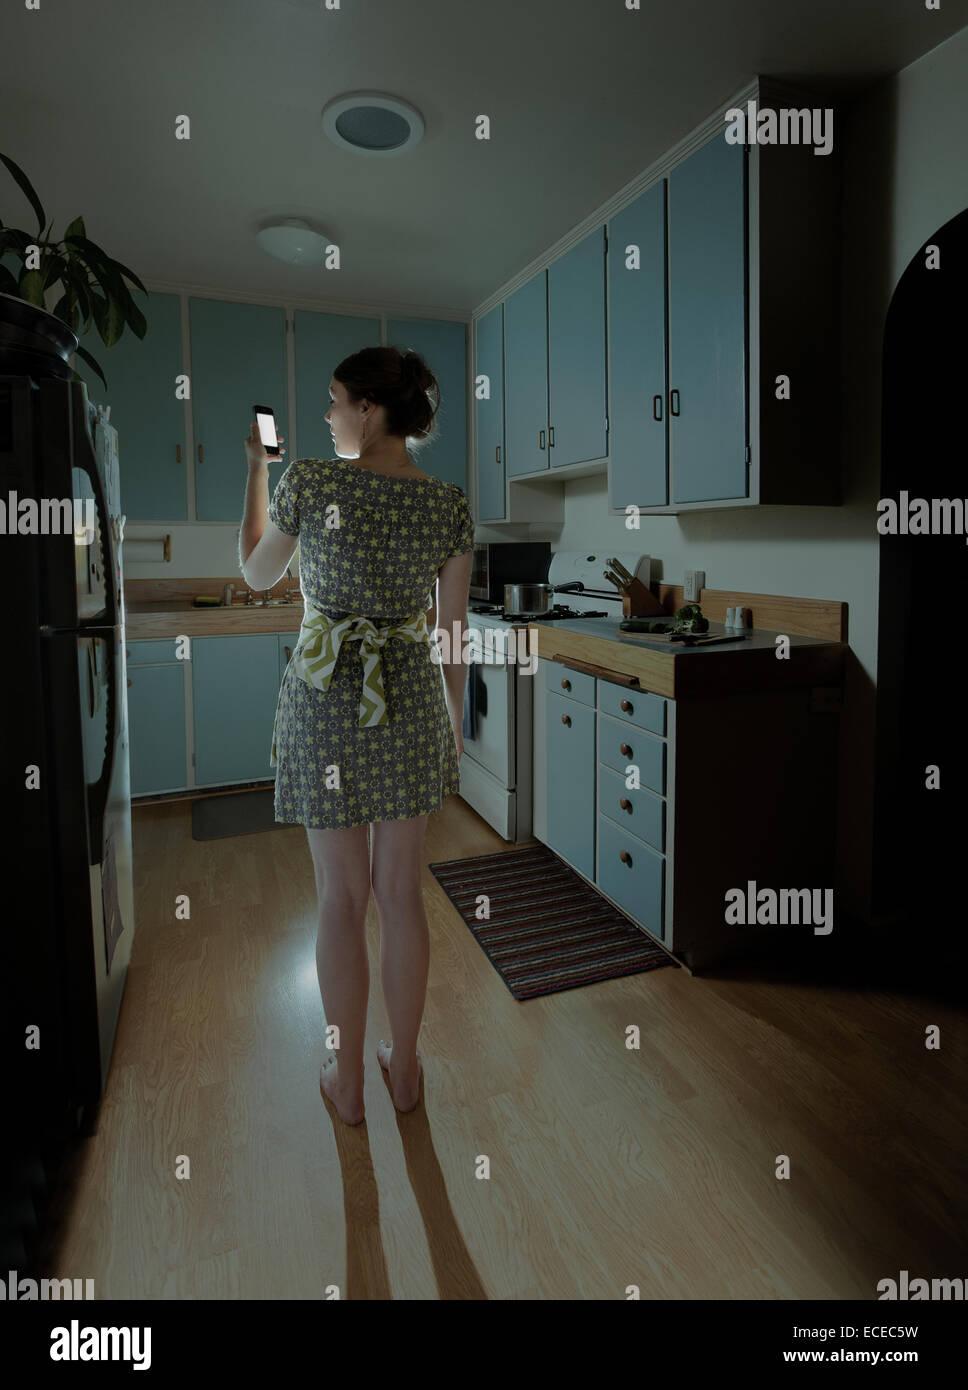 Woman with smartphone dans la cuisine la nuit Photo Stock